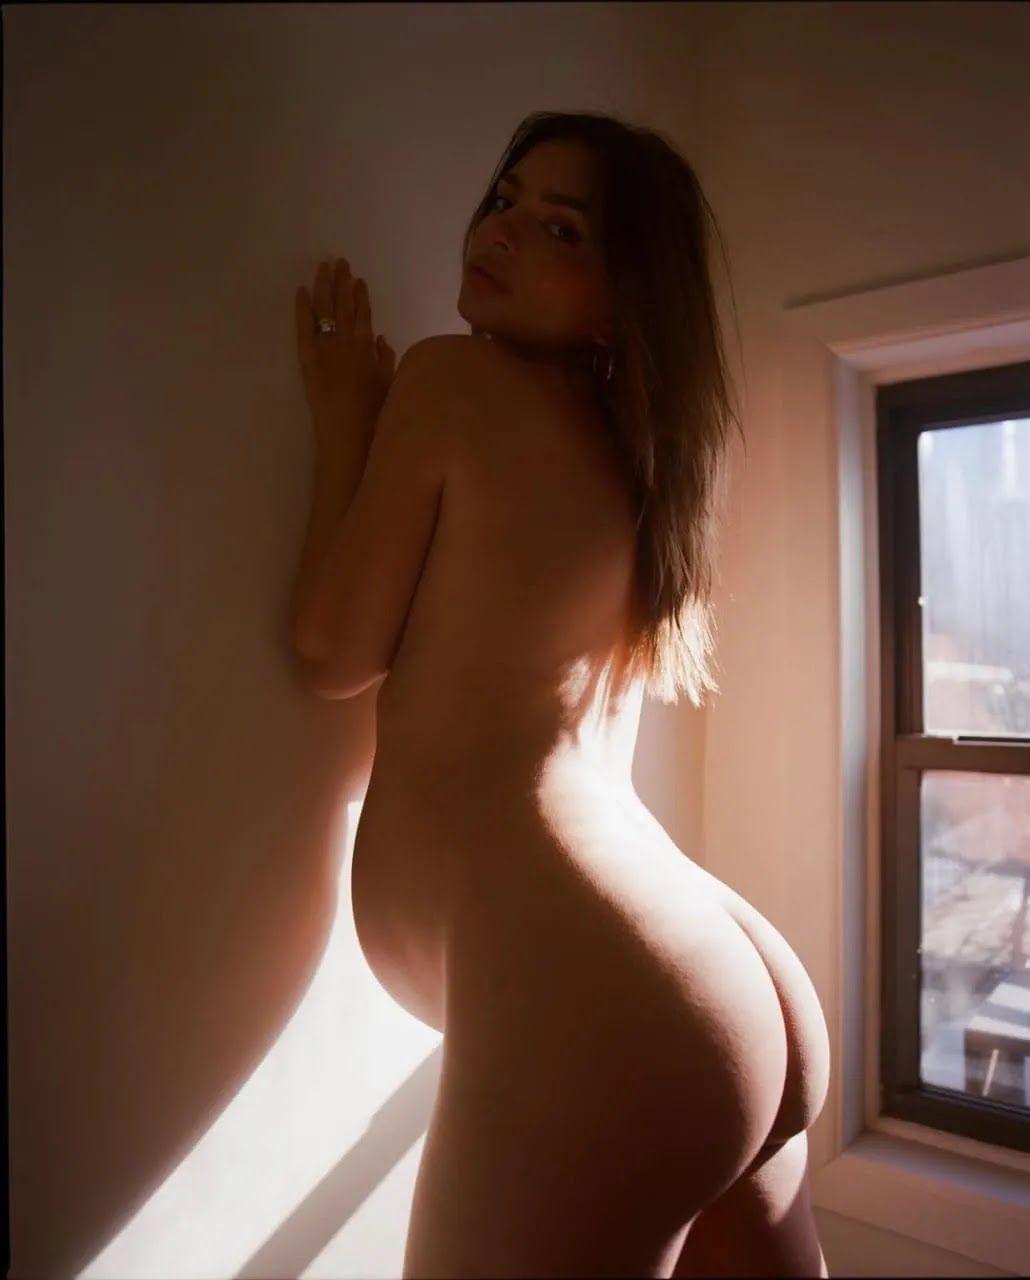 Эмили Ратаковски позирует без одежды.